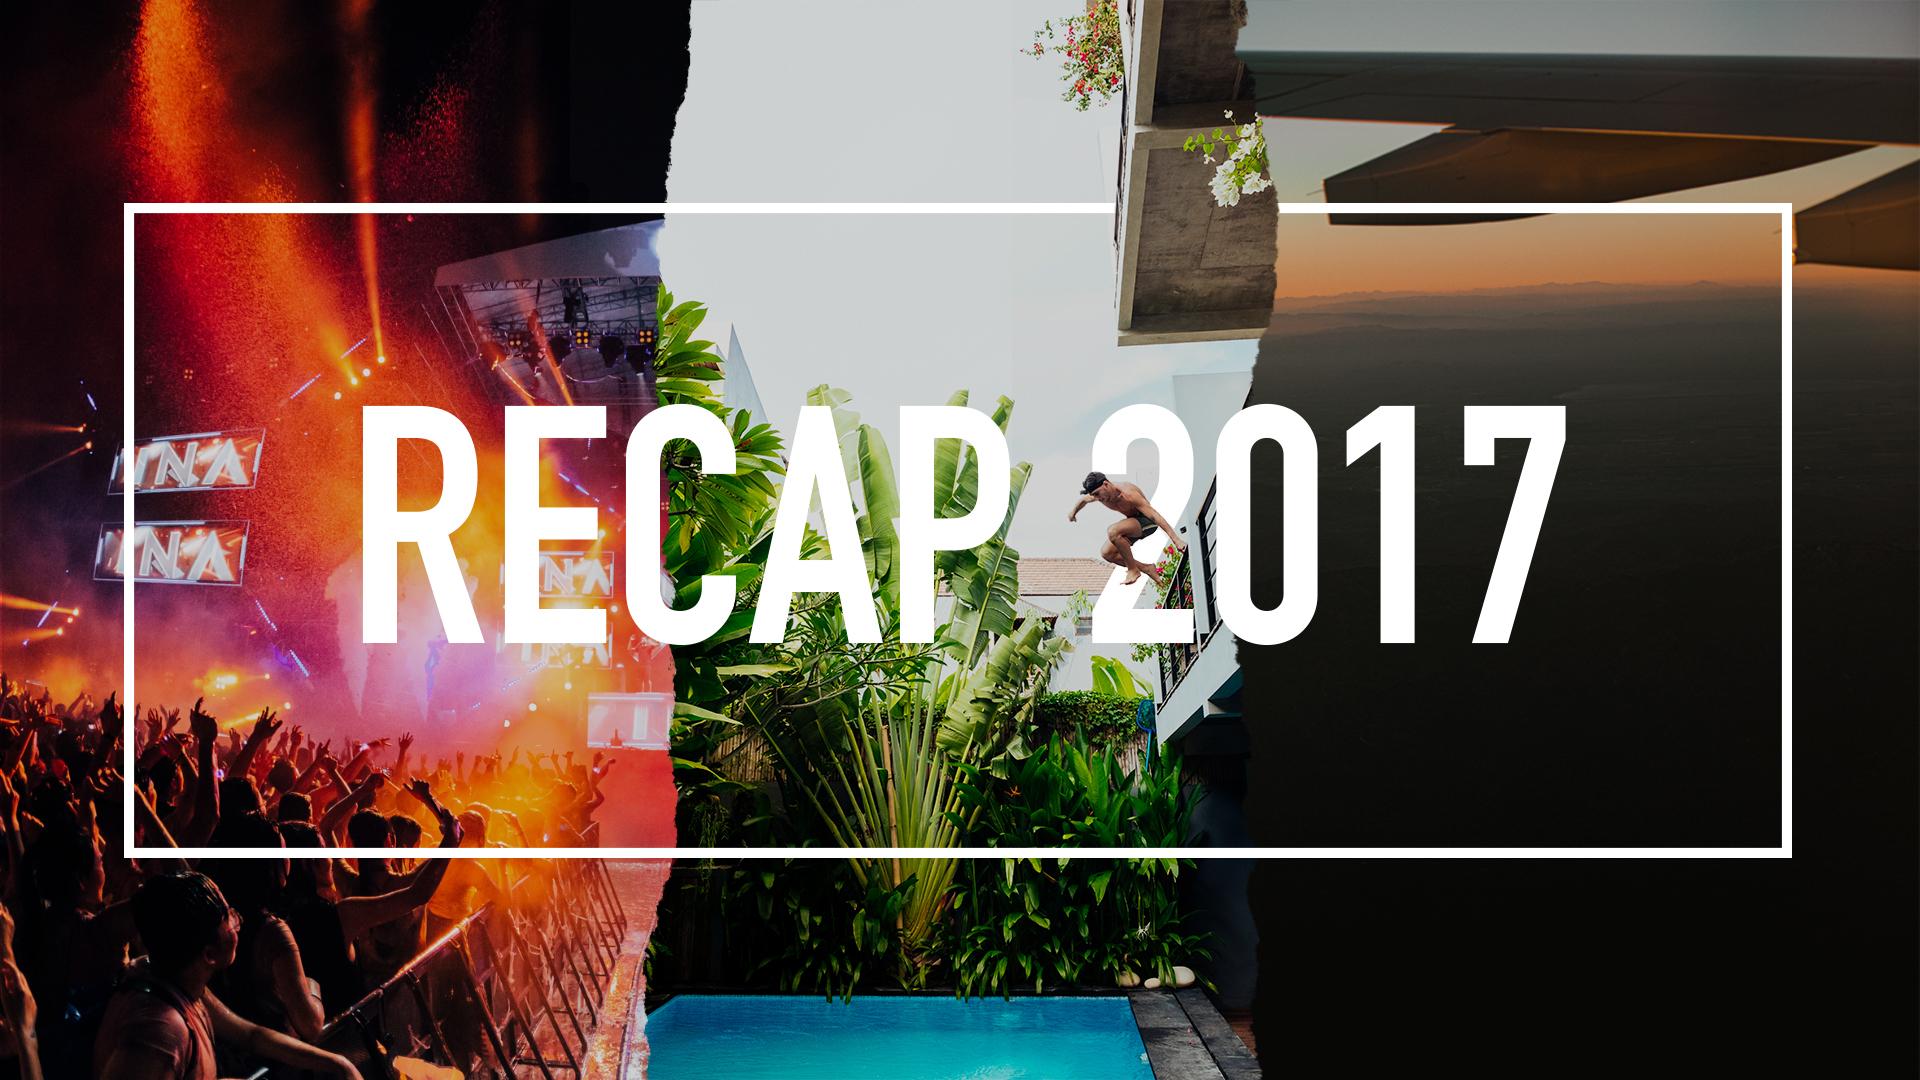 Recap 2017